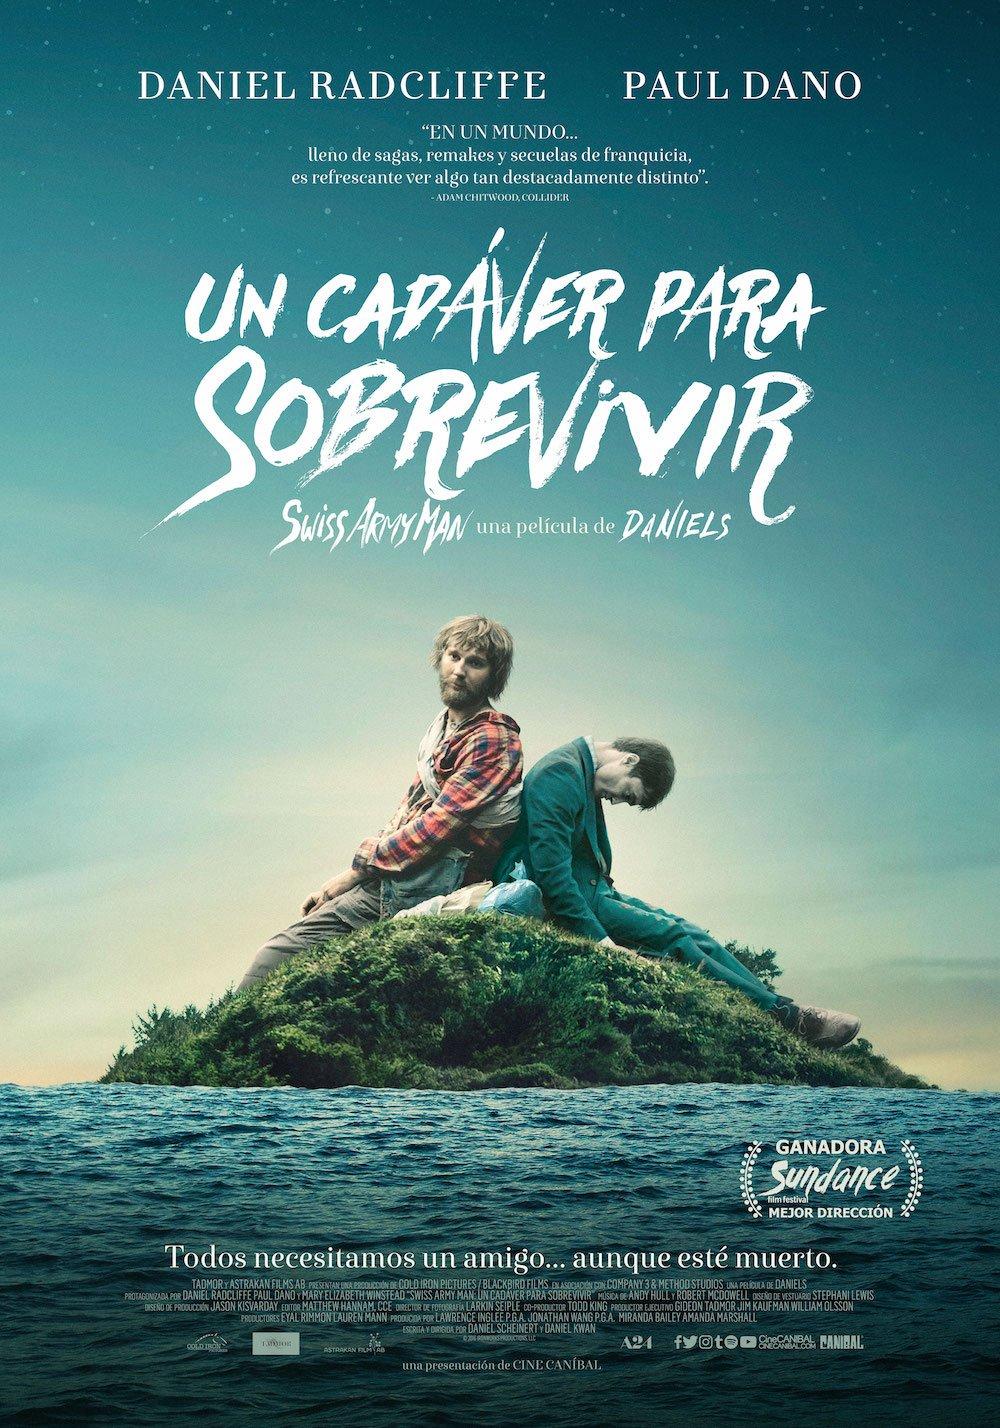 Cineclub Estrenos Octubre 2016